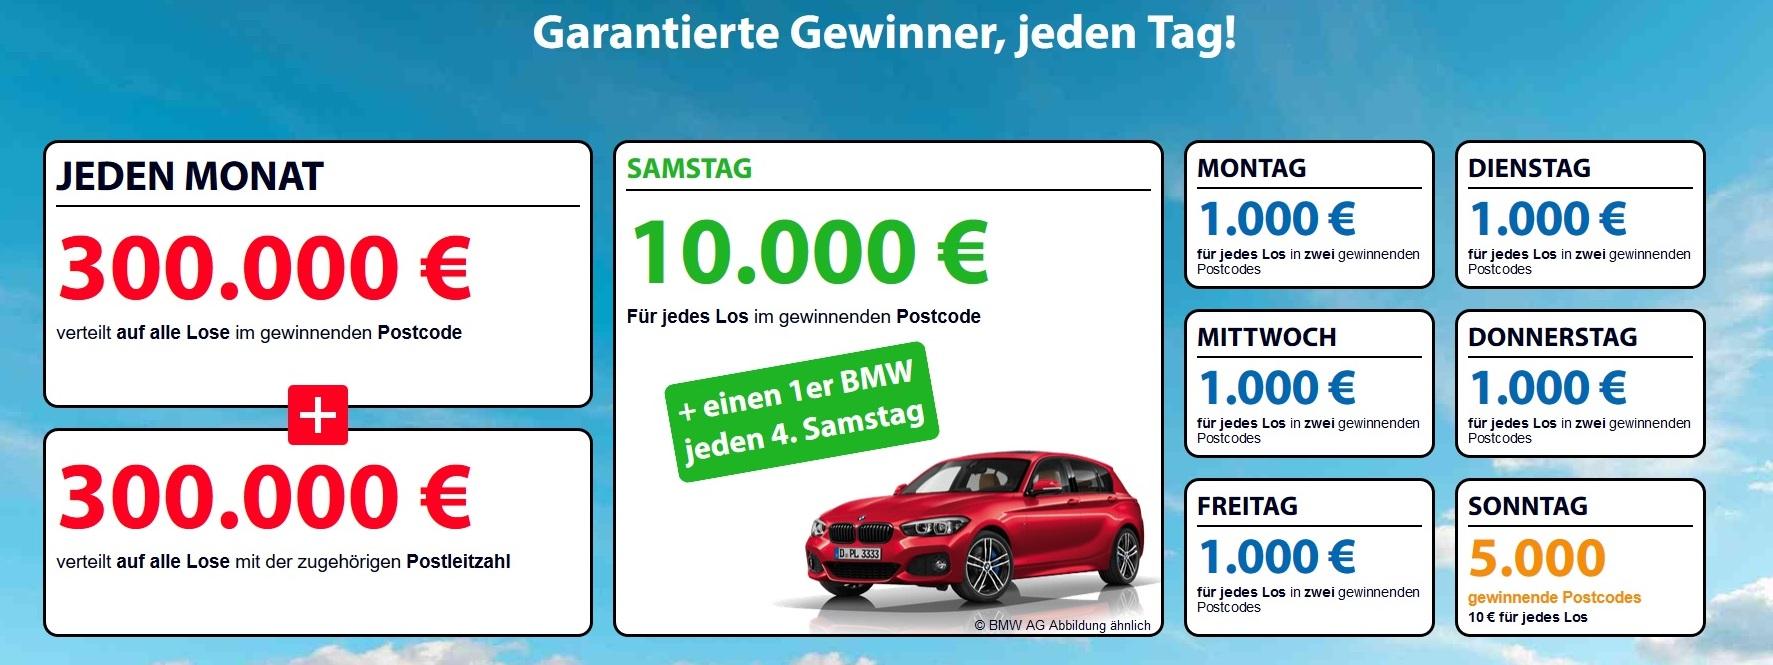 Deutsche Postleitzahl Lotterie